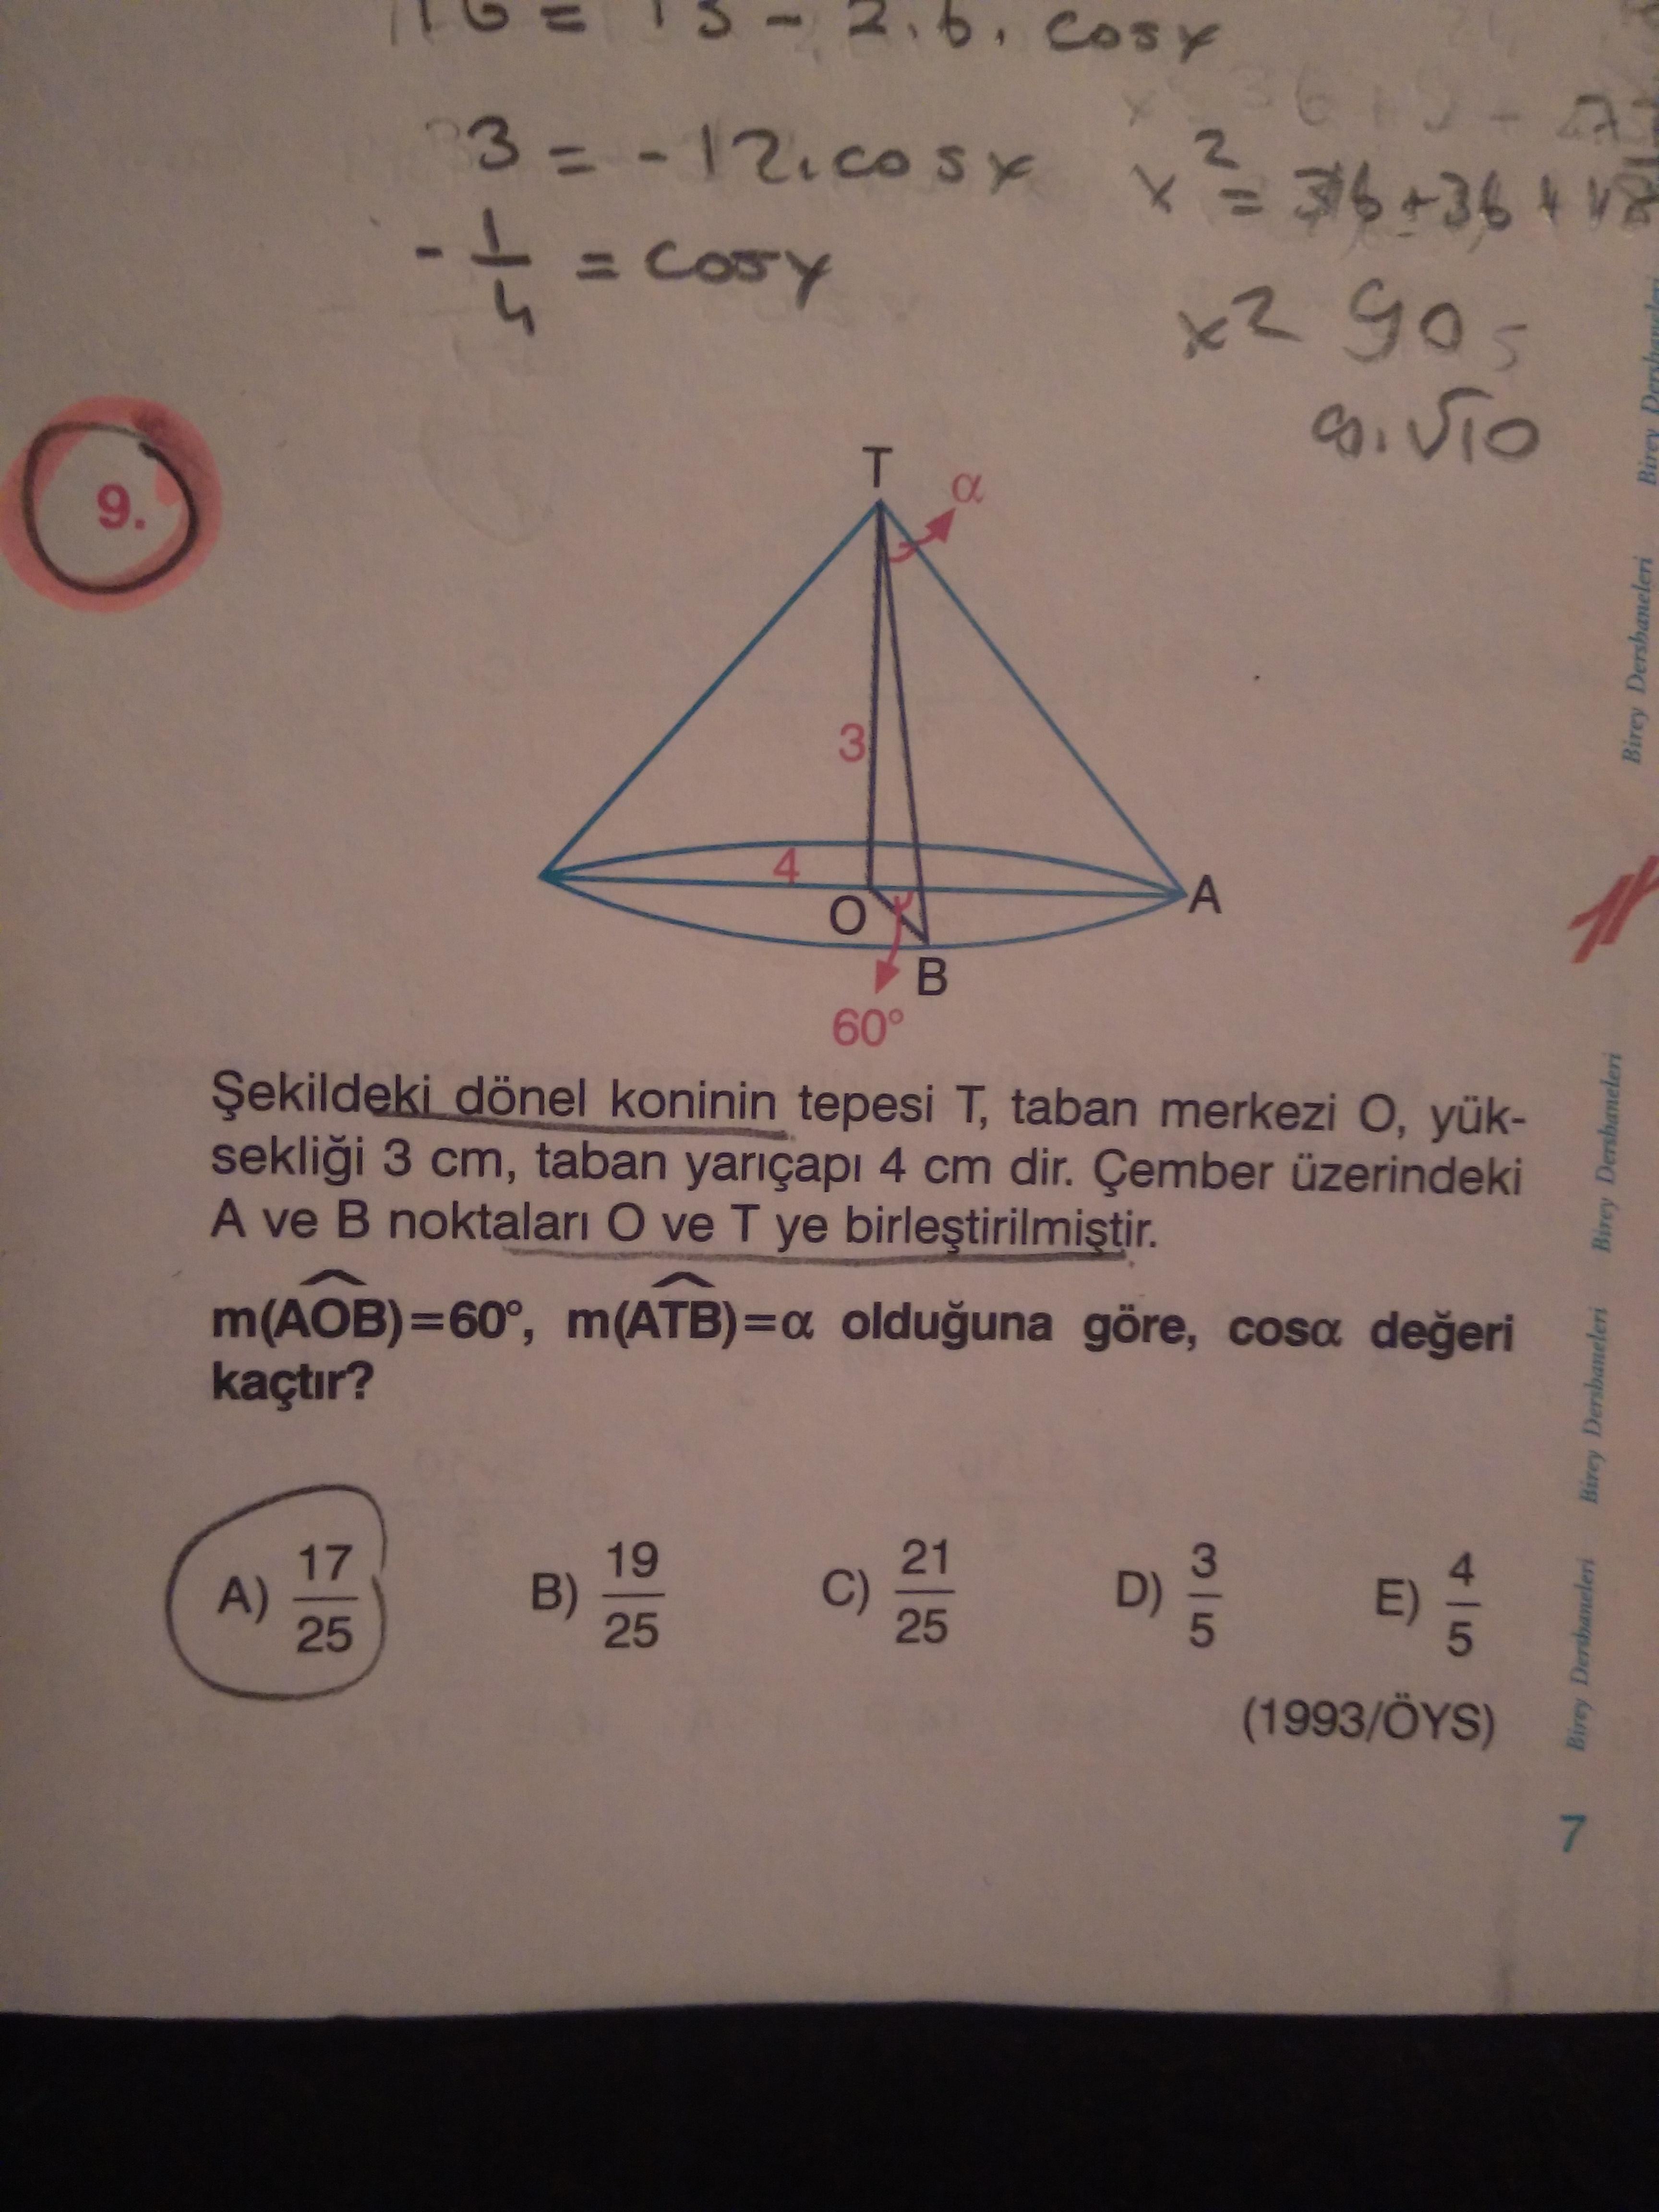 trigonometri  (kosinüs)